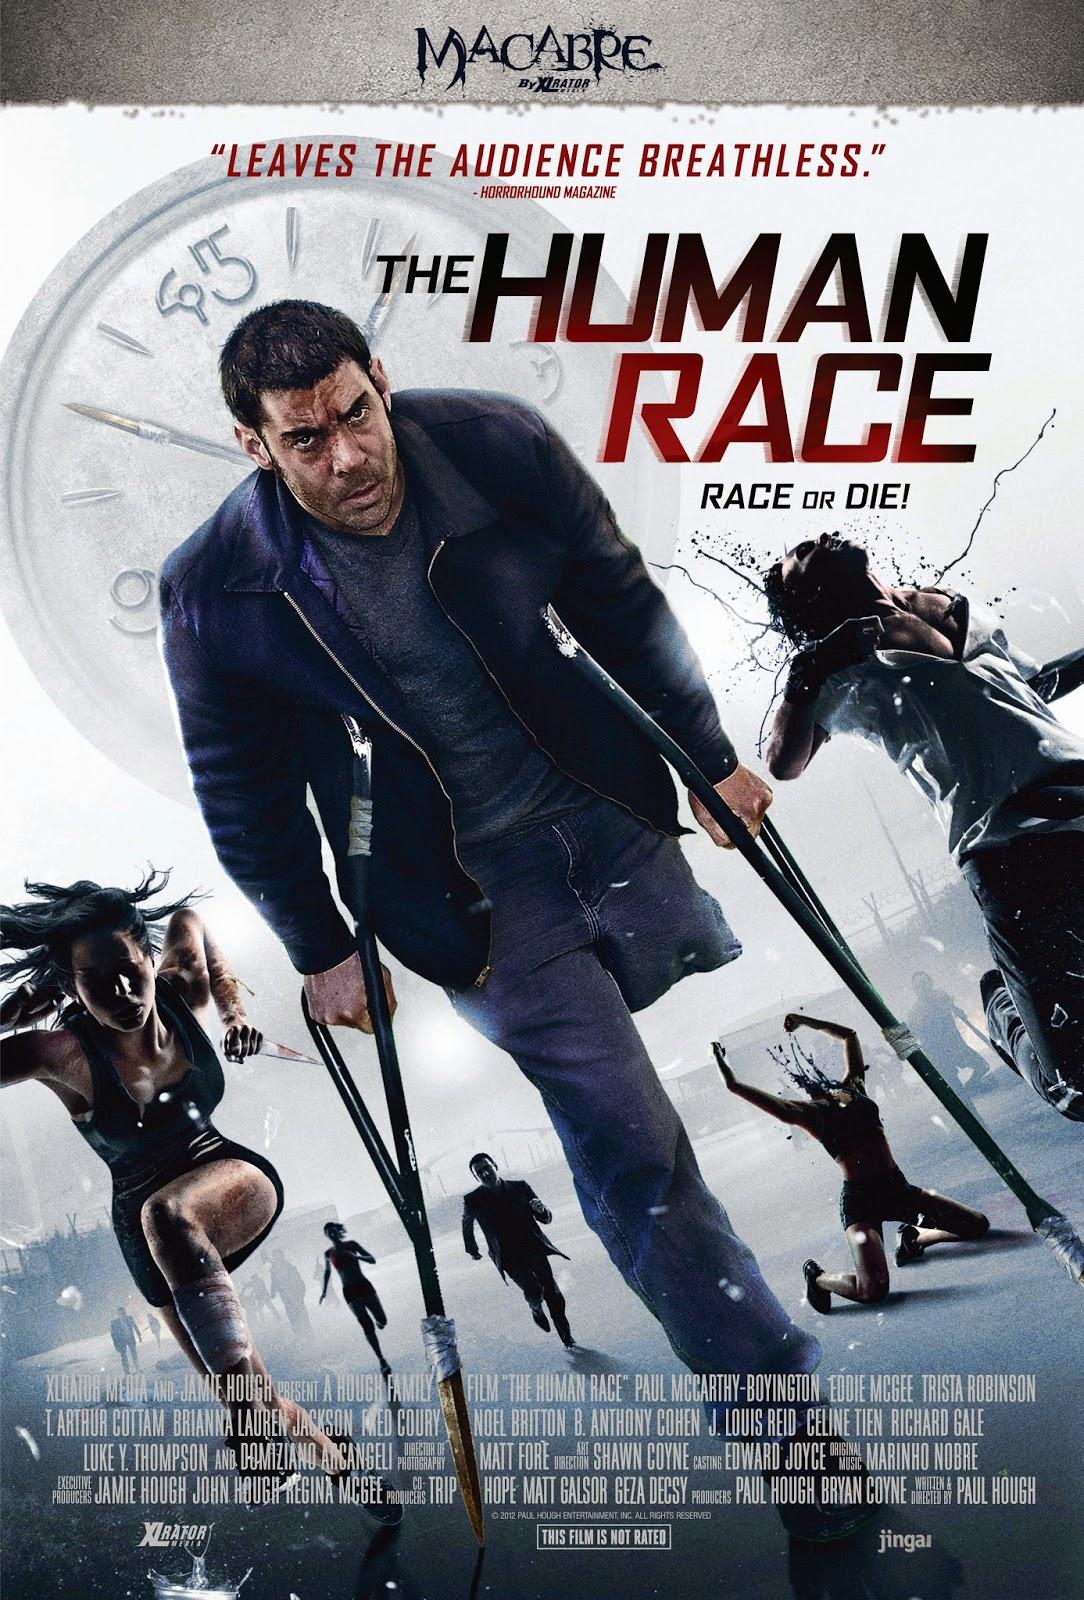 http://www.xlratormedia.com/film/human-race